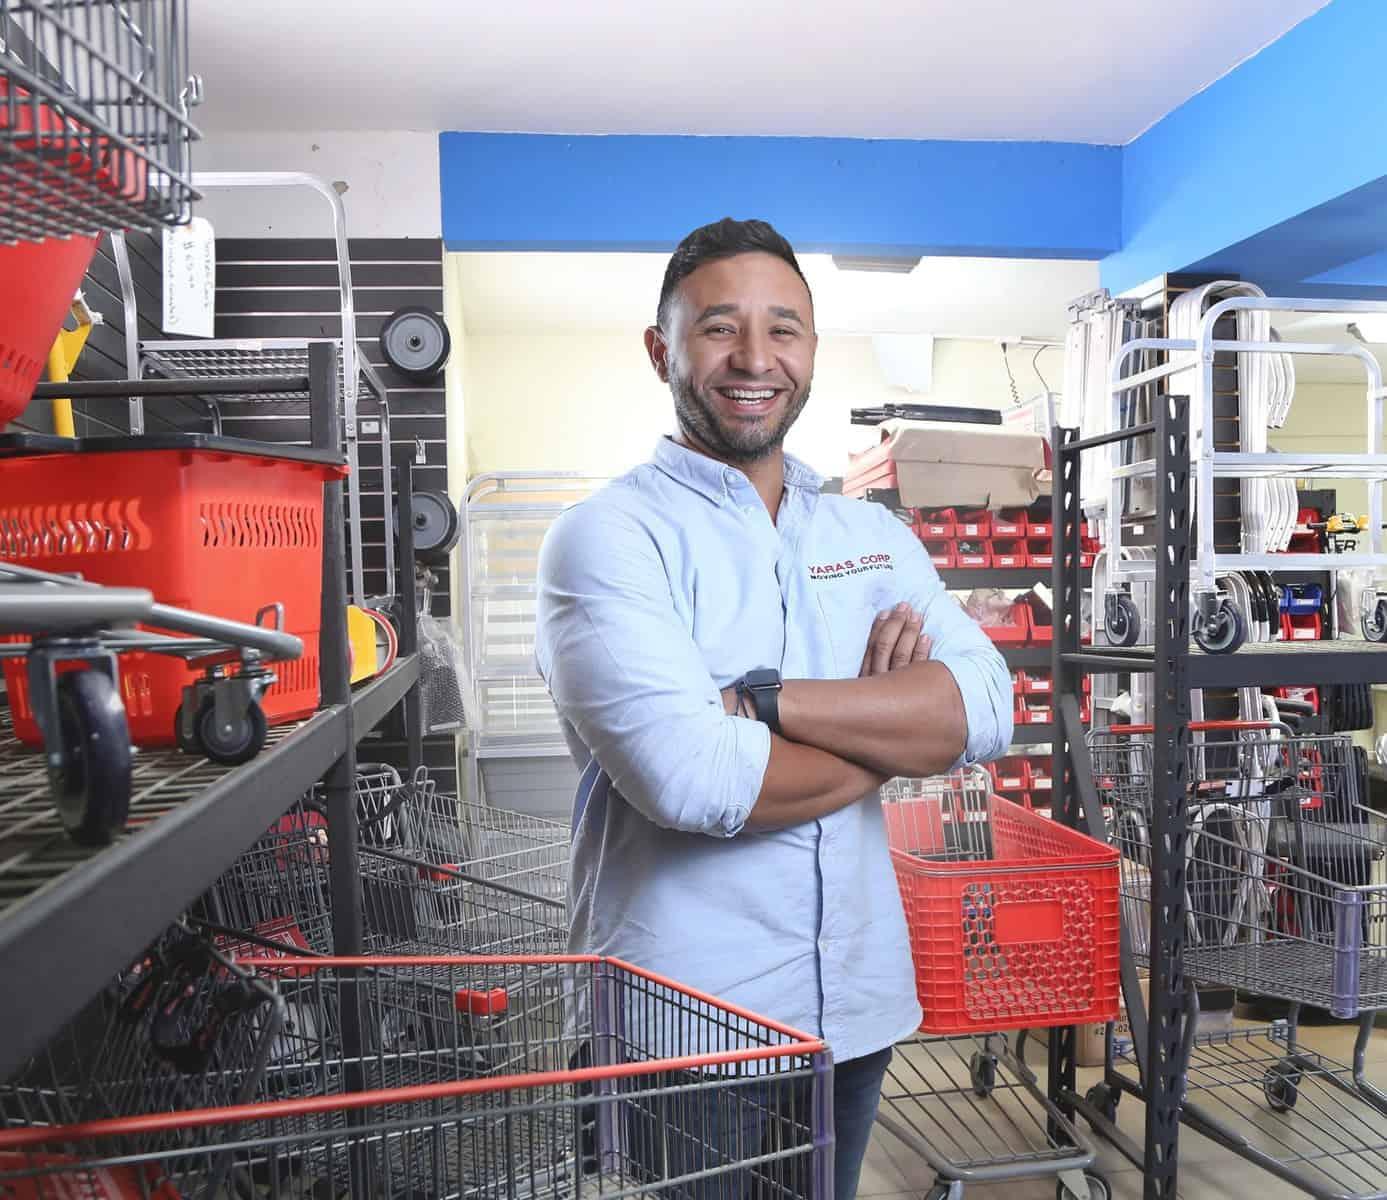 Roberto Fuenmayor, fundador de Yaras Corp. que repara carritos de compras.